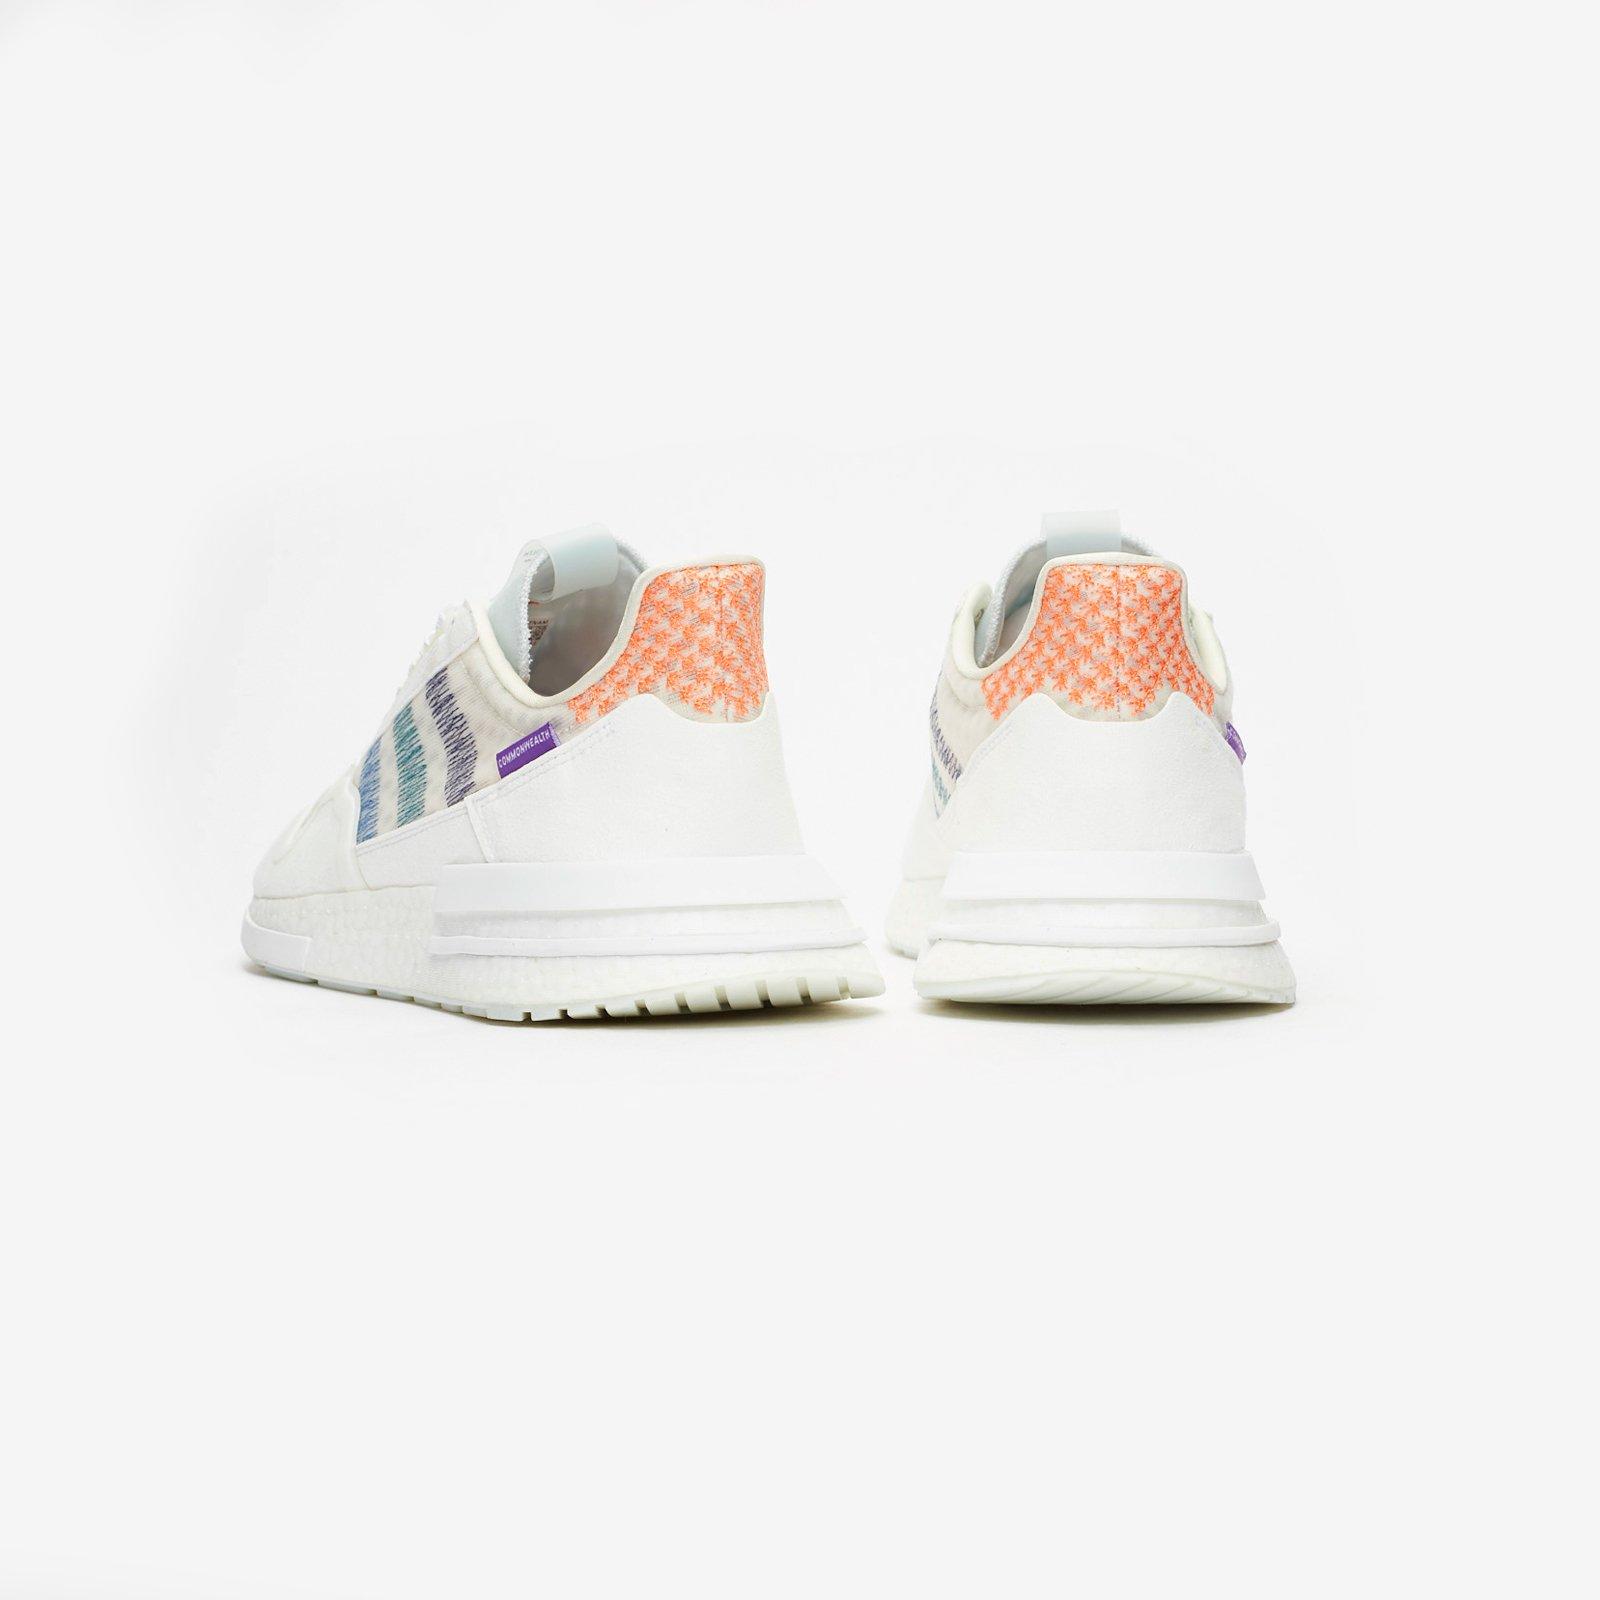 aa33b5b1c46f7 adidas ZX 500 x Commonwealth - Db3510 - Sneakersnstuff